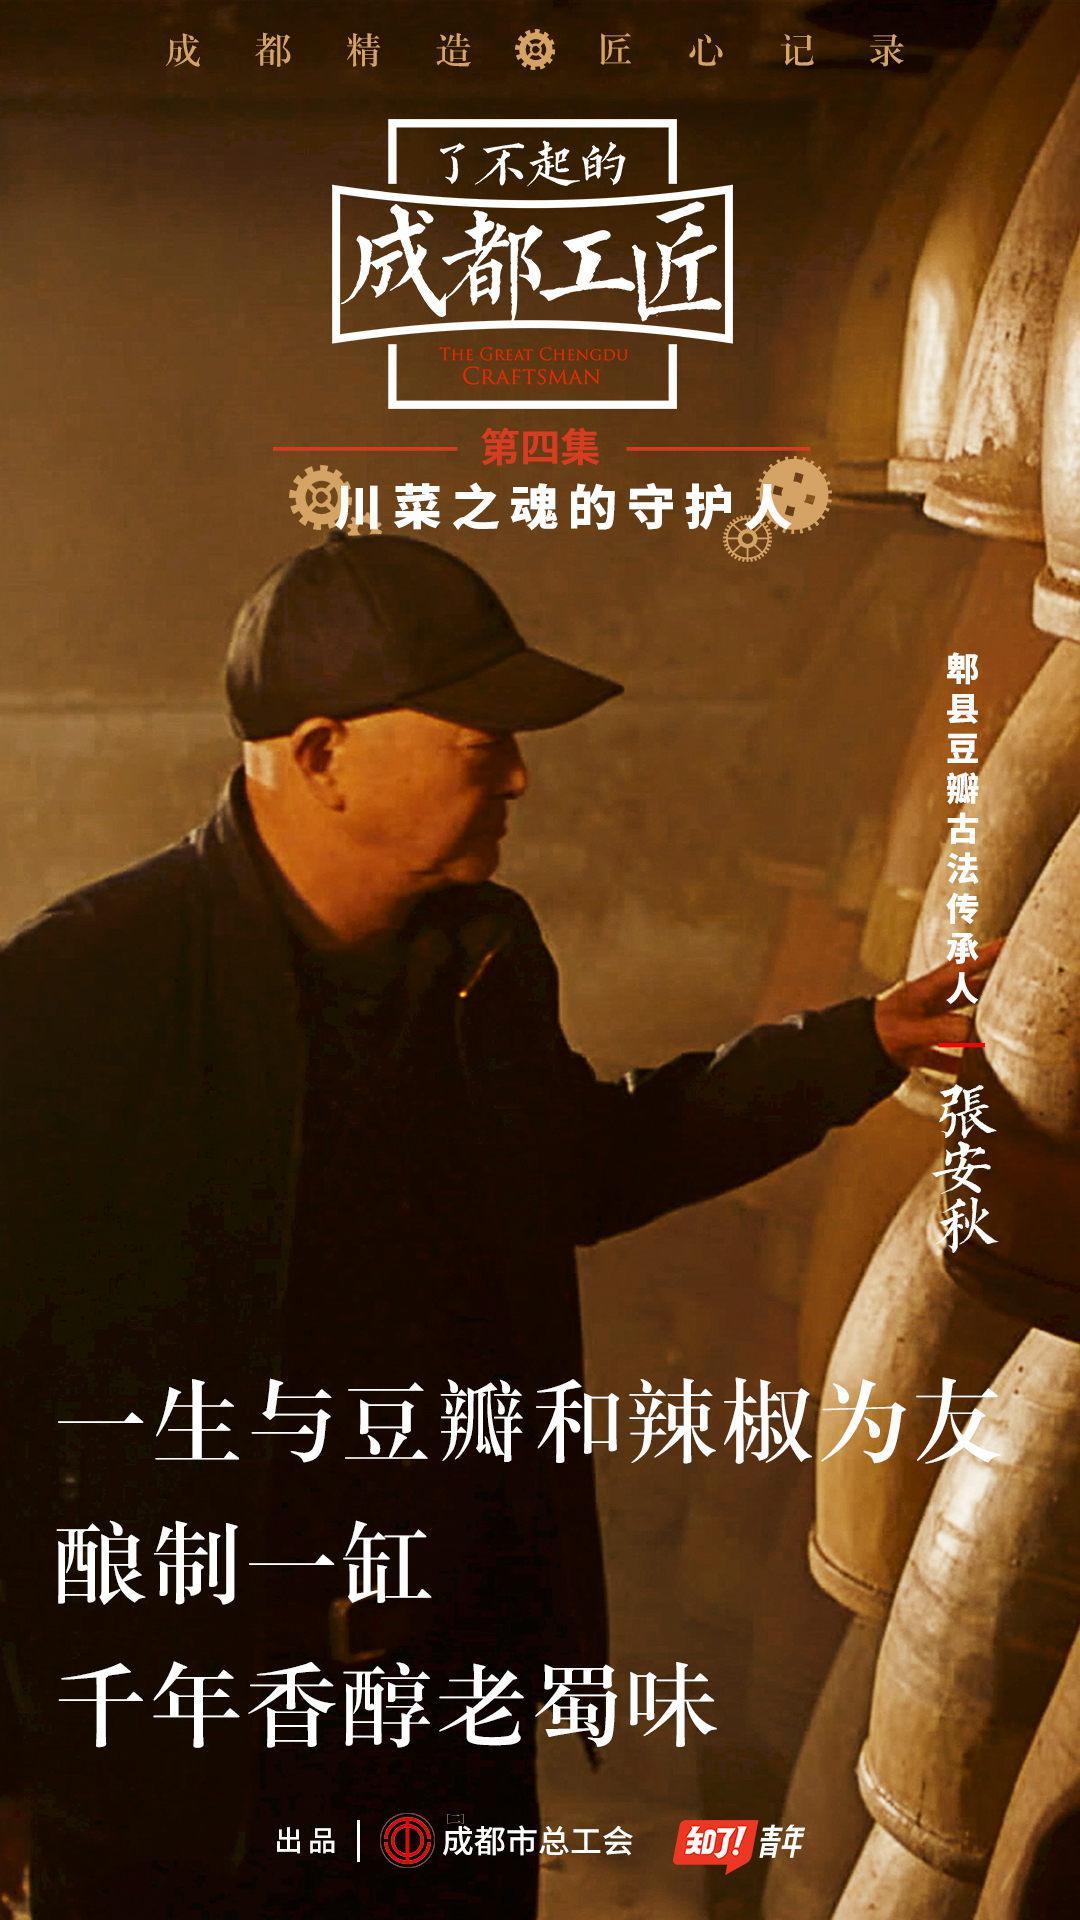 """《了不起的成都工匠》揭秘""""川菜之魂""""新锐传媒广告联郑绪岚简历盟"""